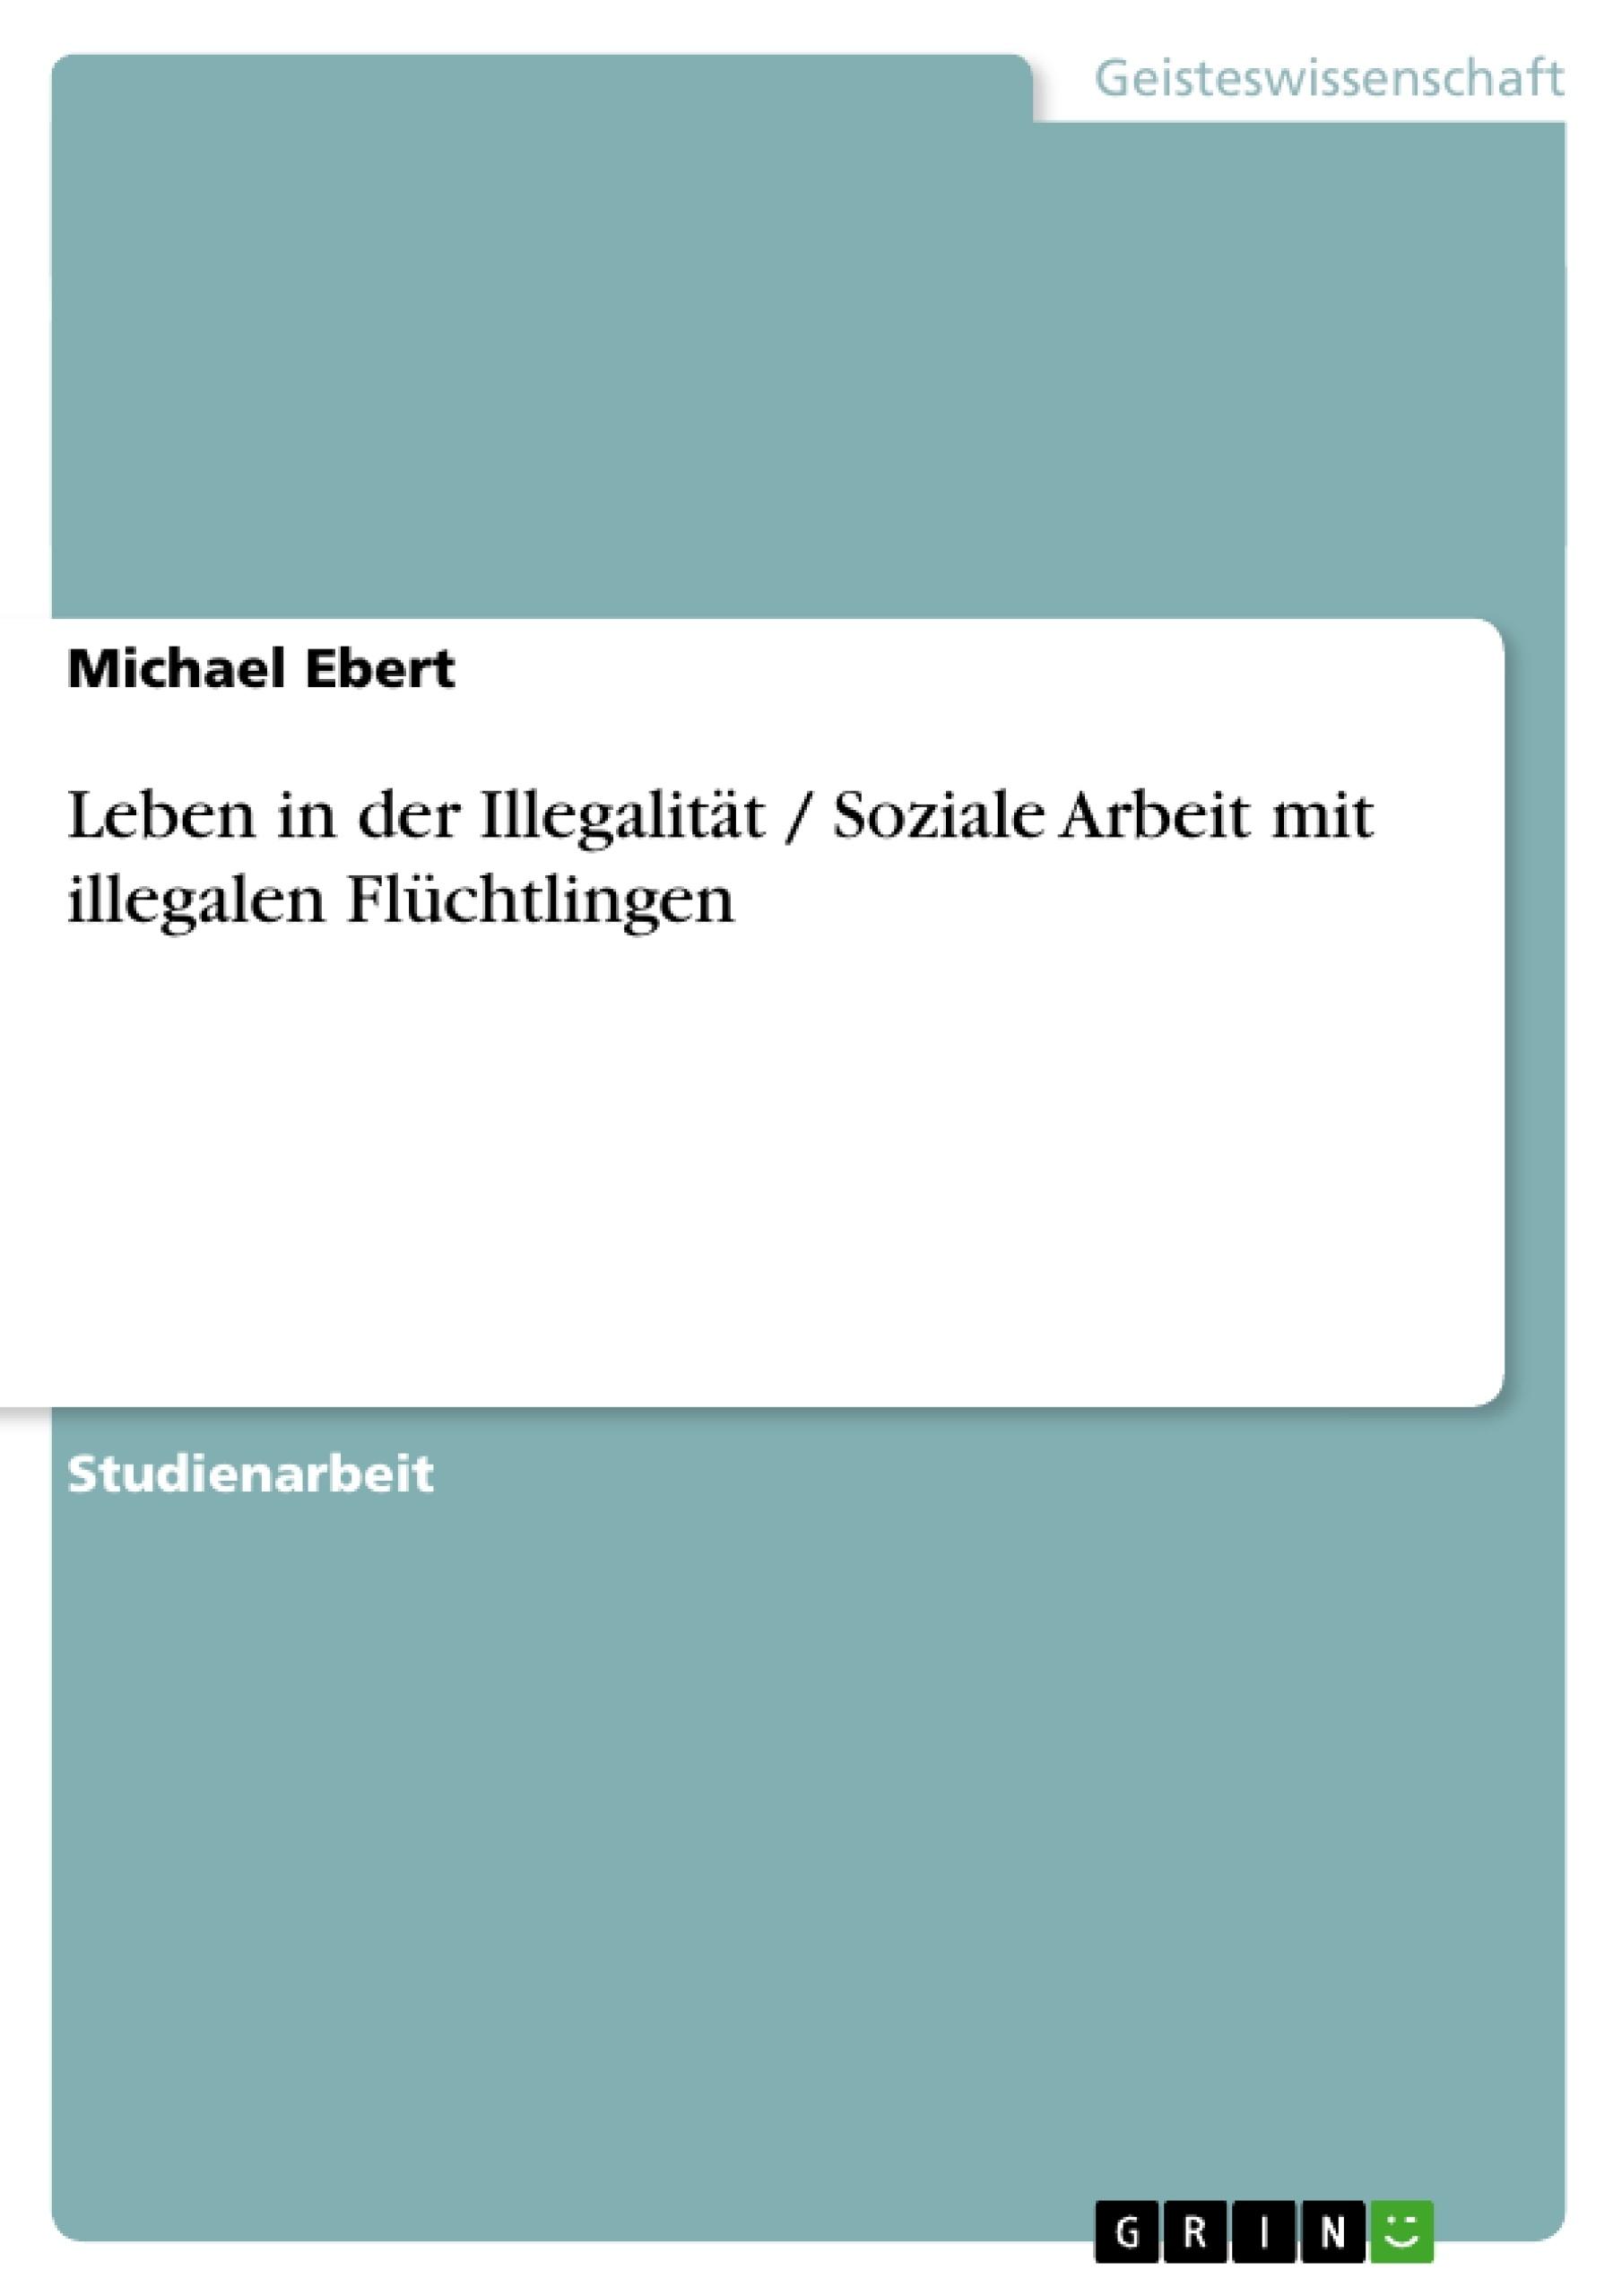 Titel: Leben in der Illegalität / Soziale Arbeit mit illegalen Flüchtlingen